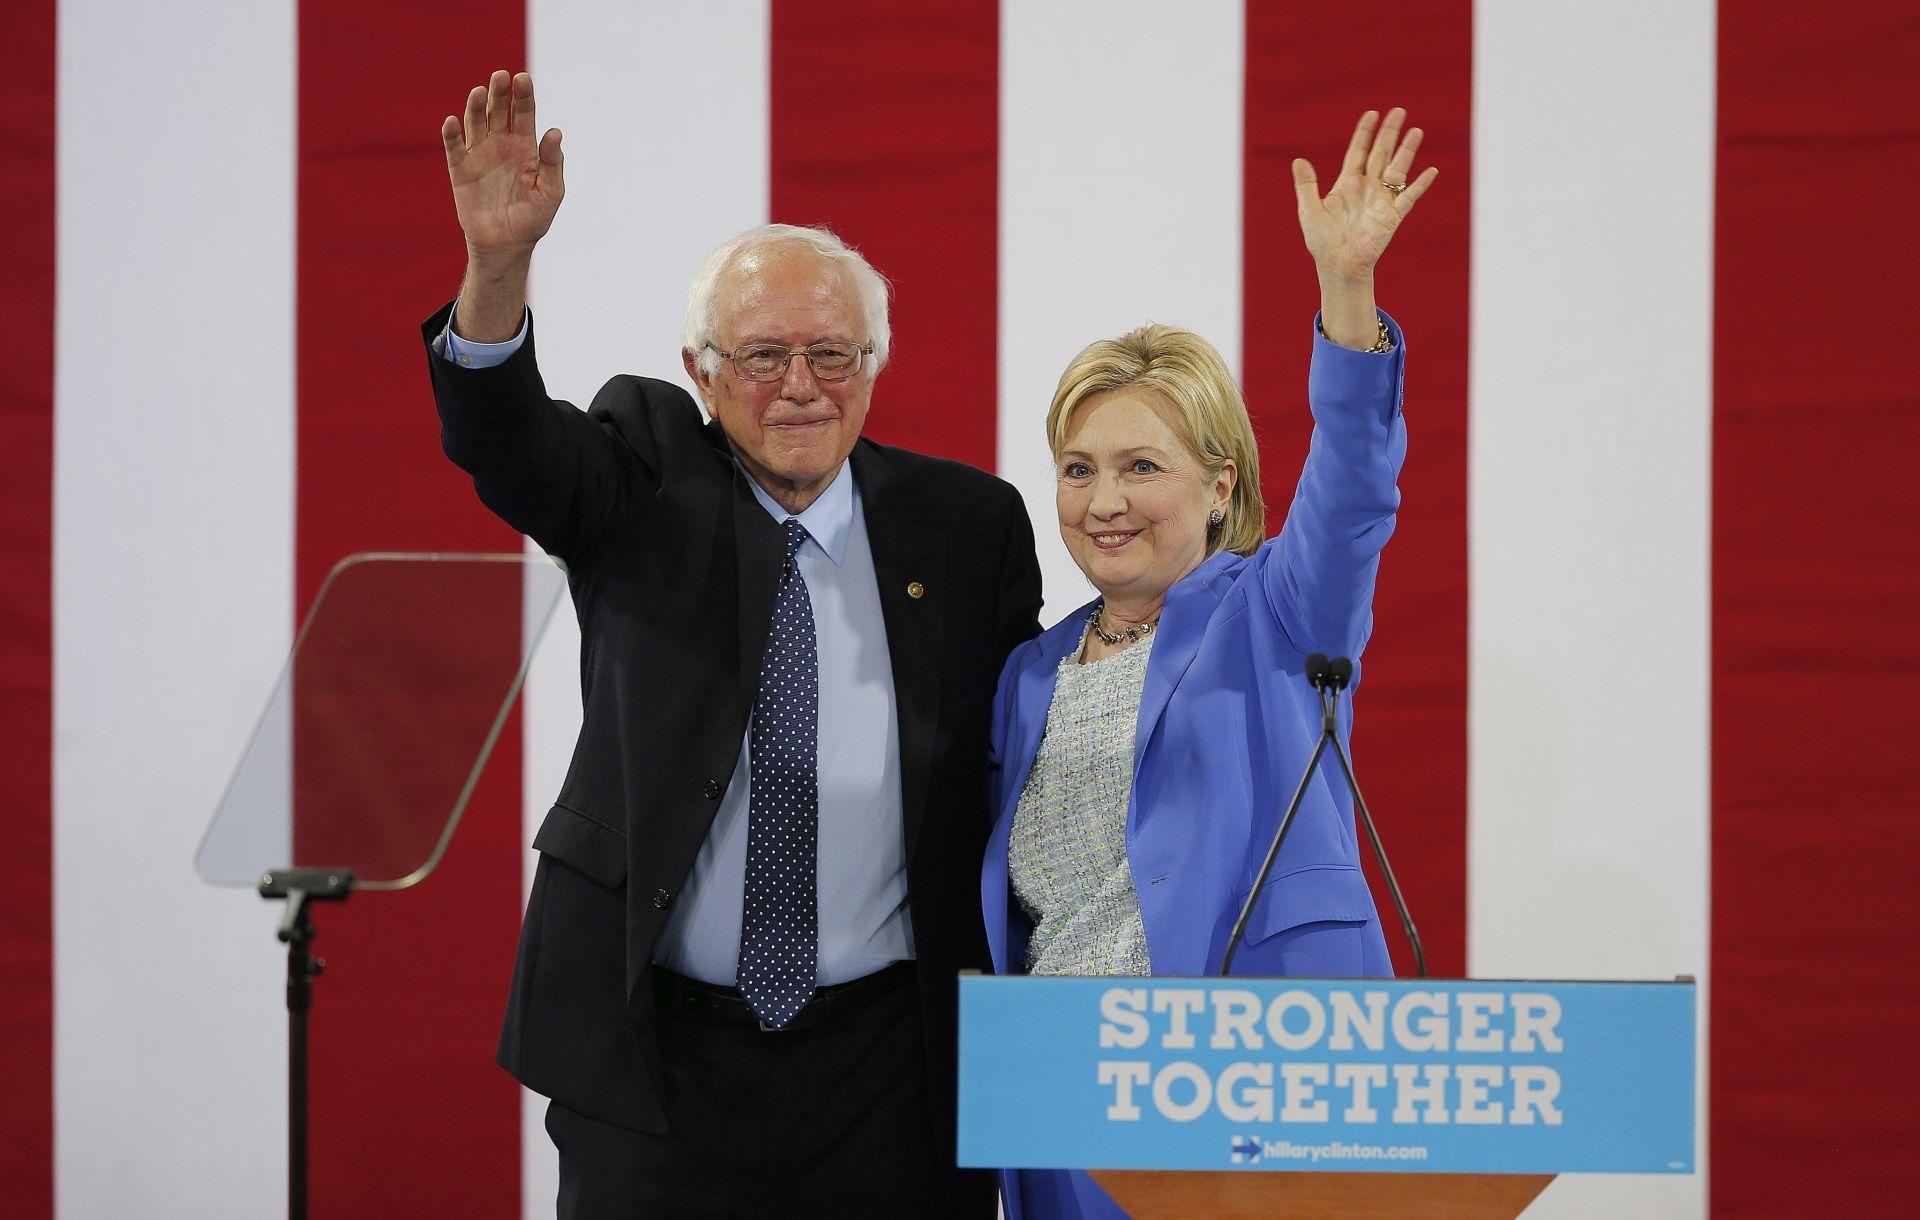 PREDSJEDNIČKI IZBORI: Sanders u zadnji trenutak podržao Clinton za predsjednicu